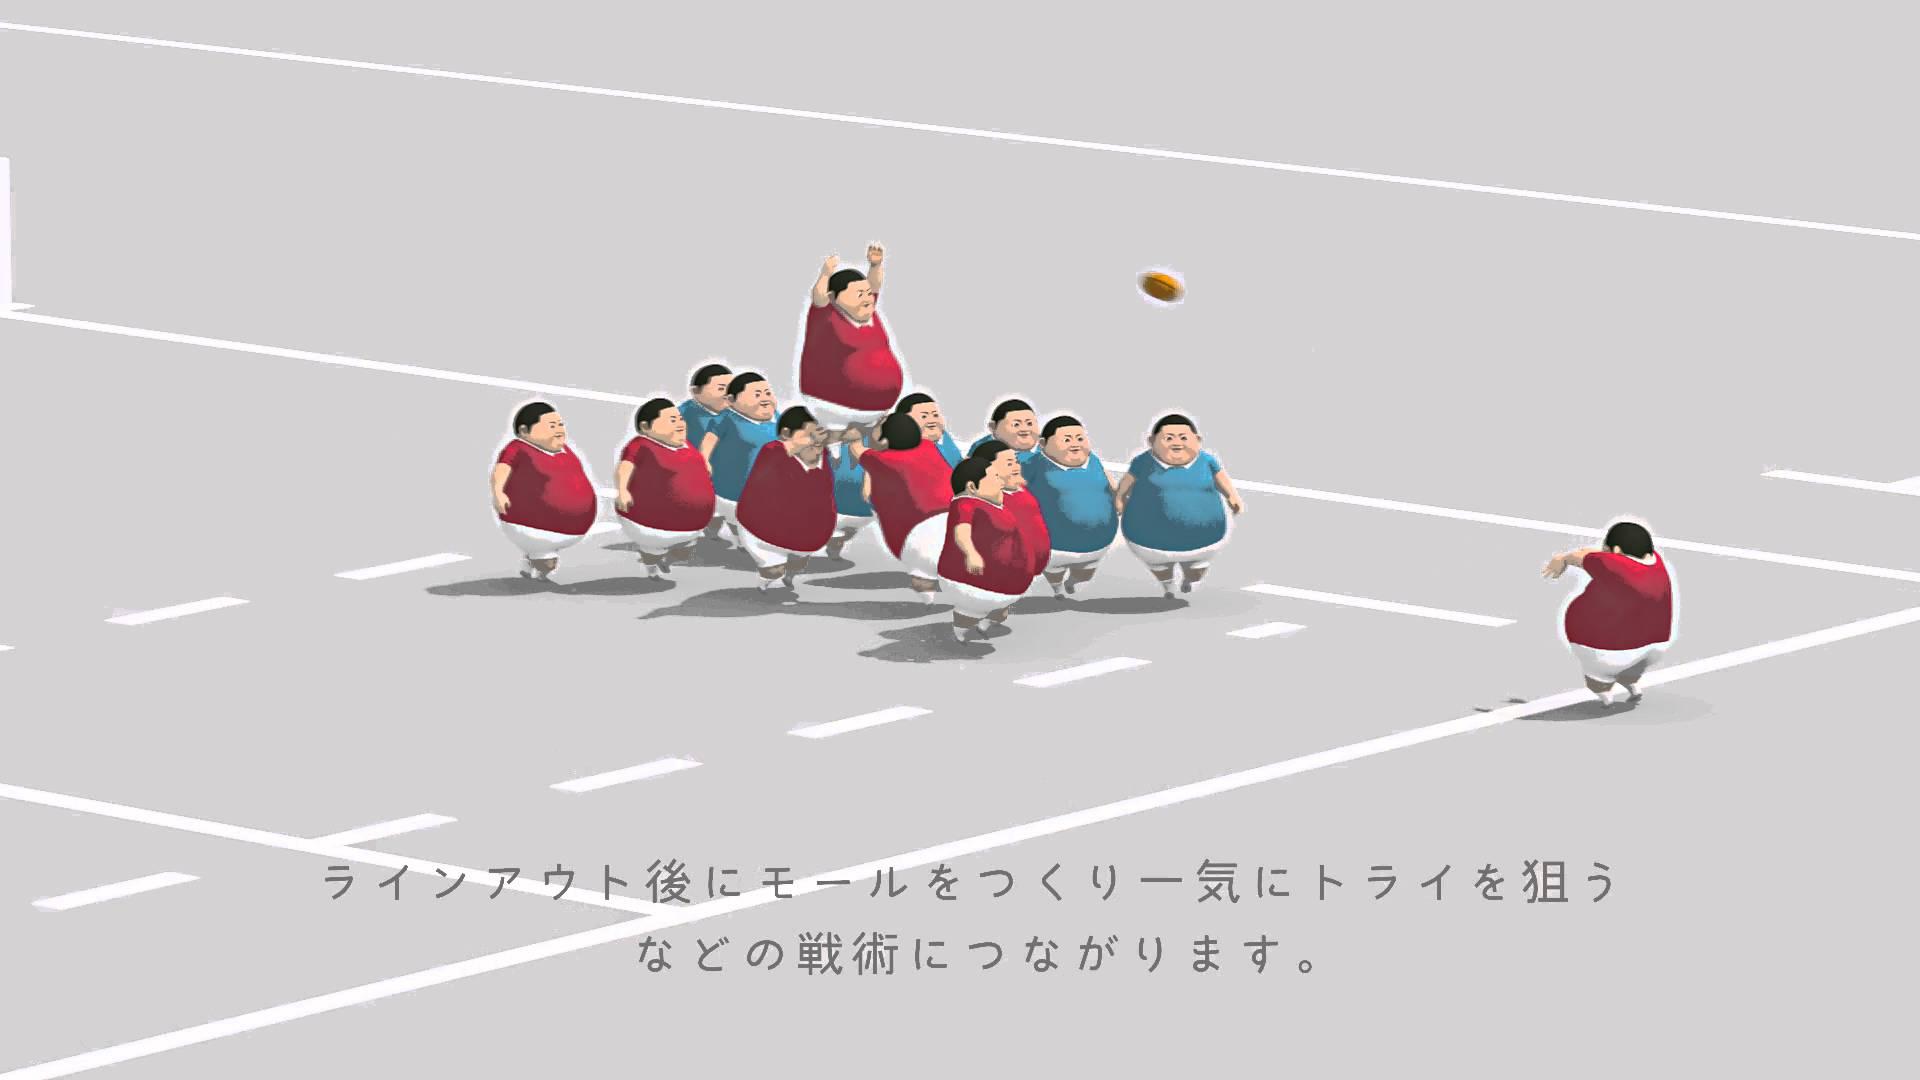 ラグビーのルール <第3巻 密集篇> feat. Kishiboy